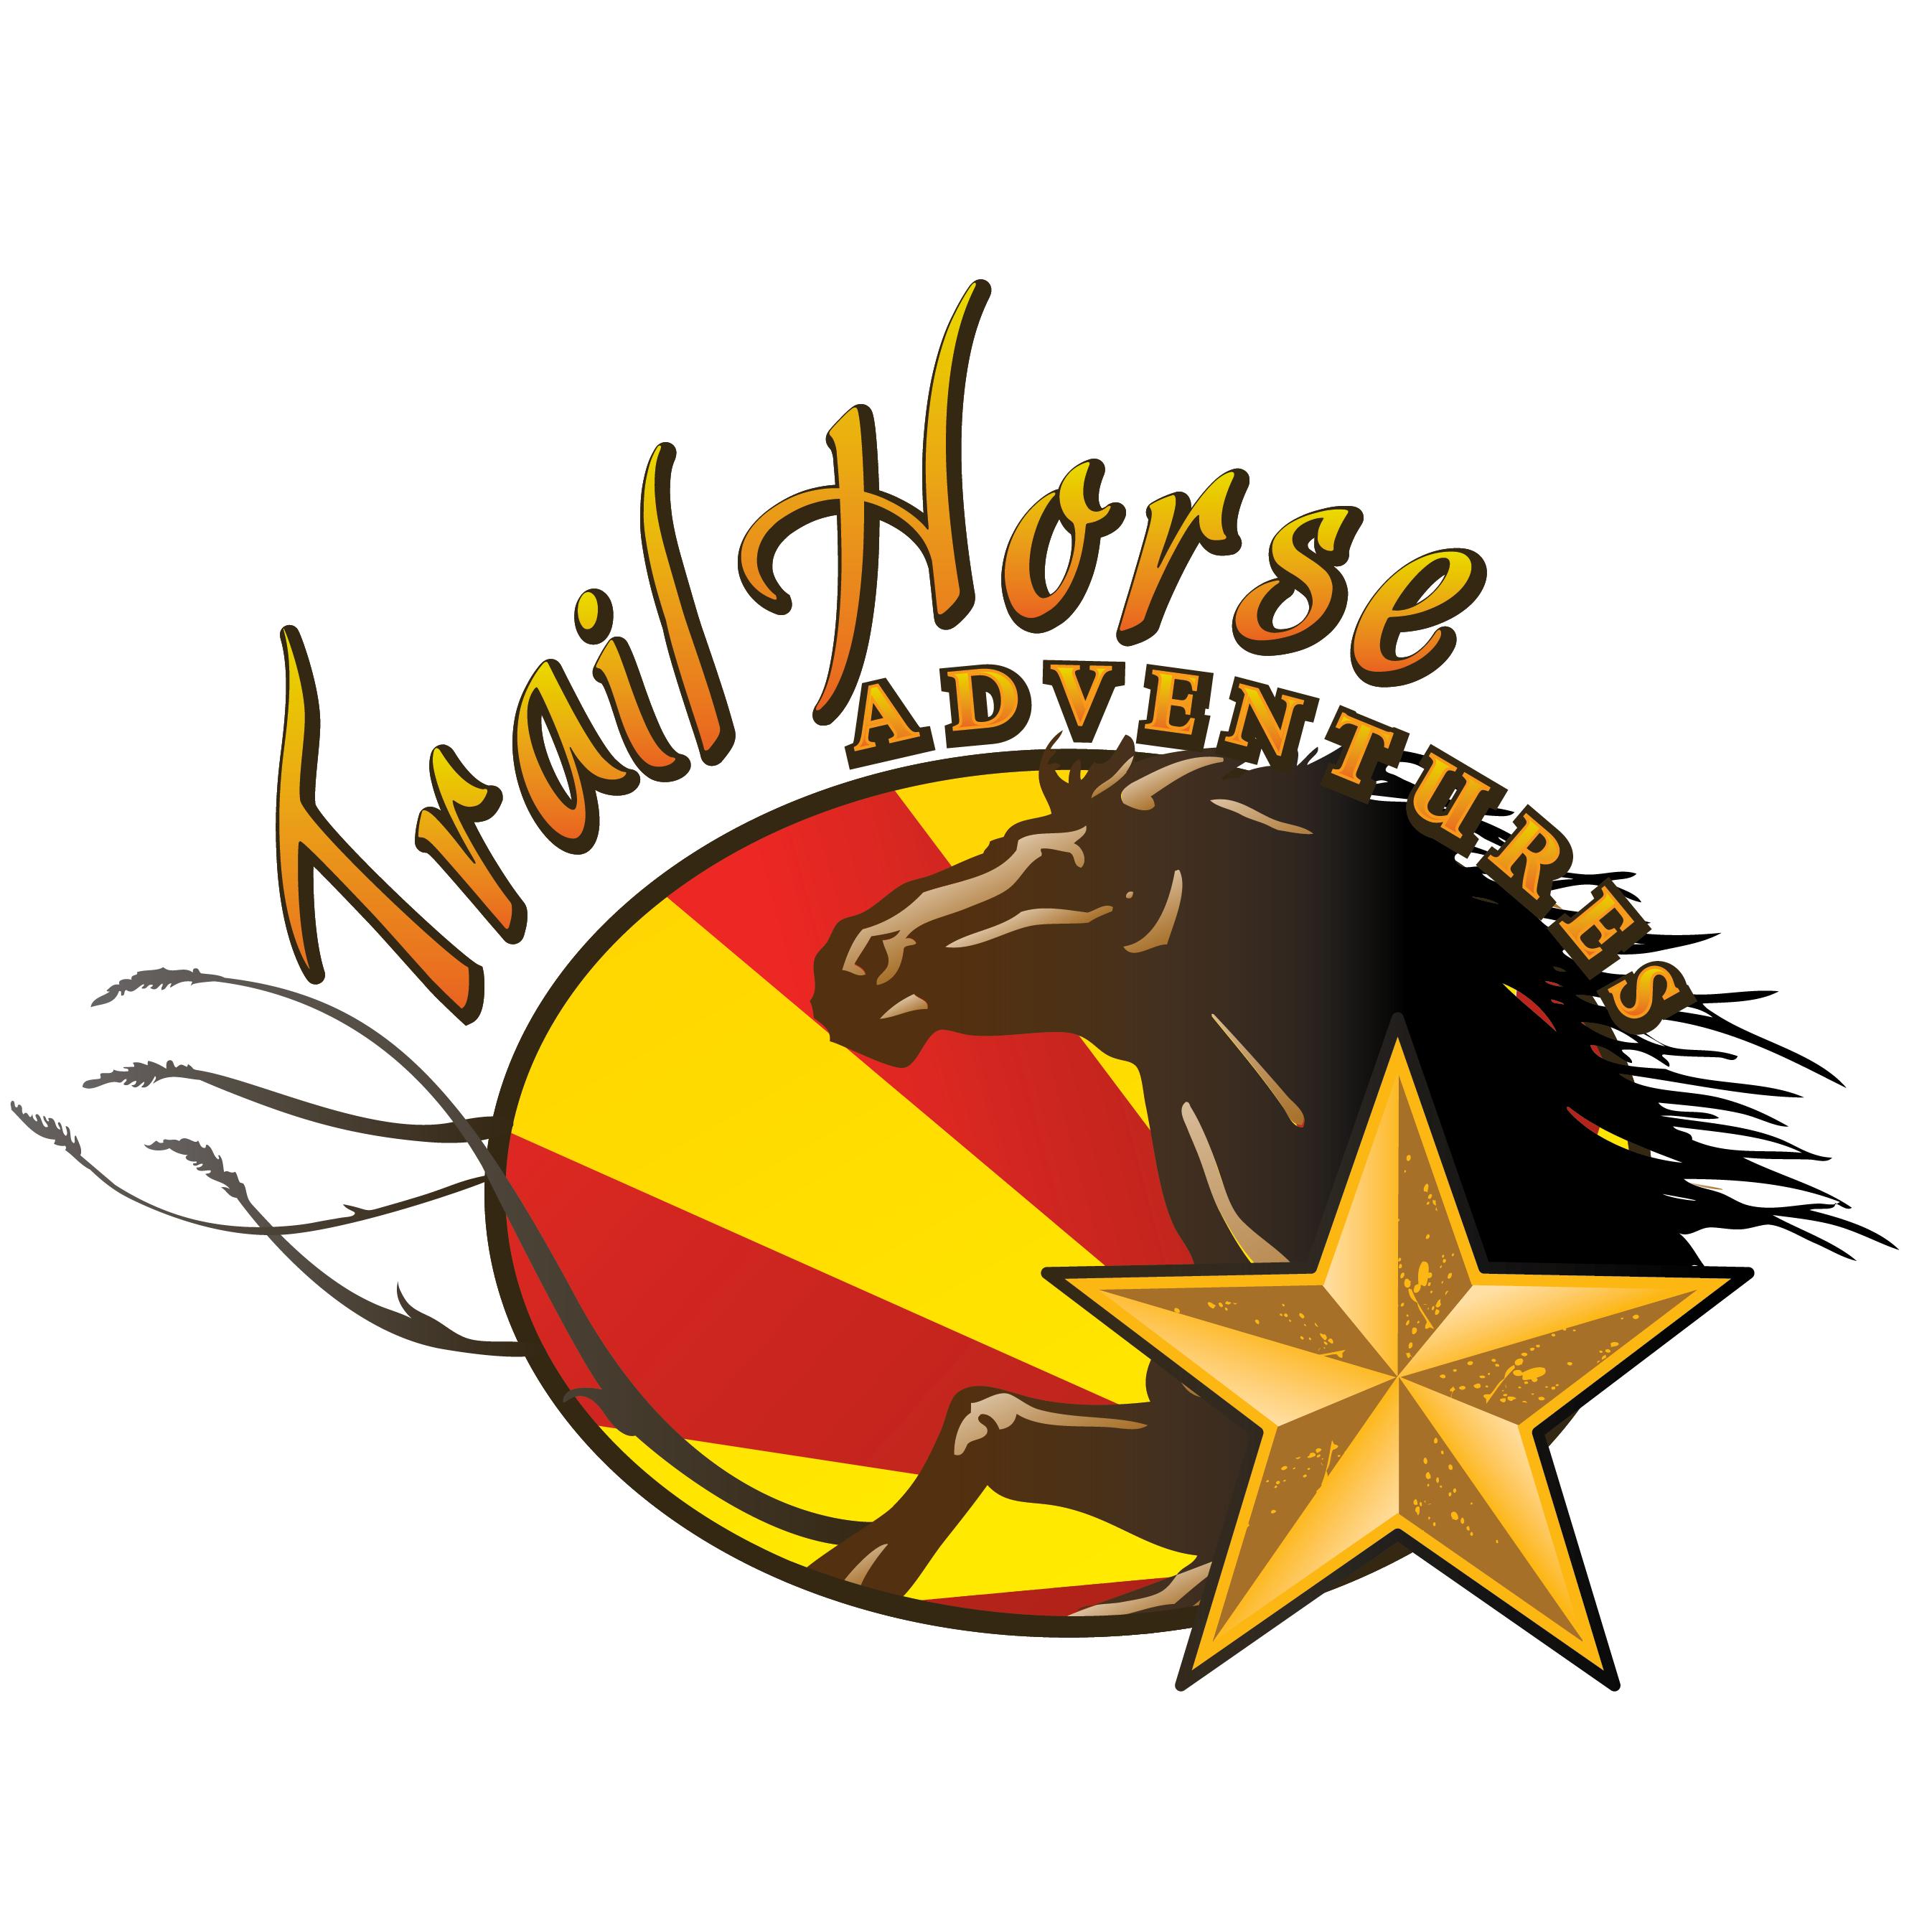 Trailhorse Adventures image 1